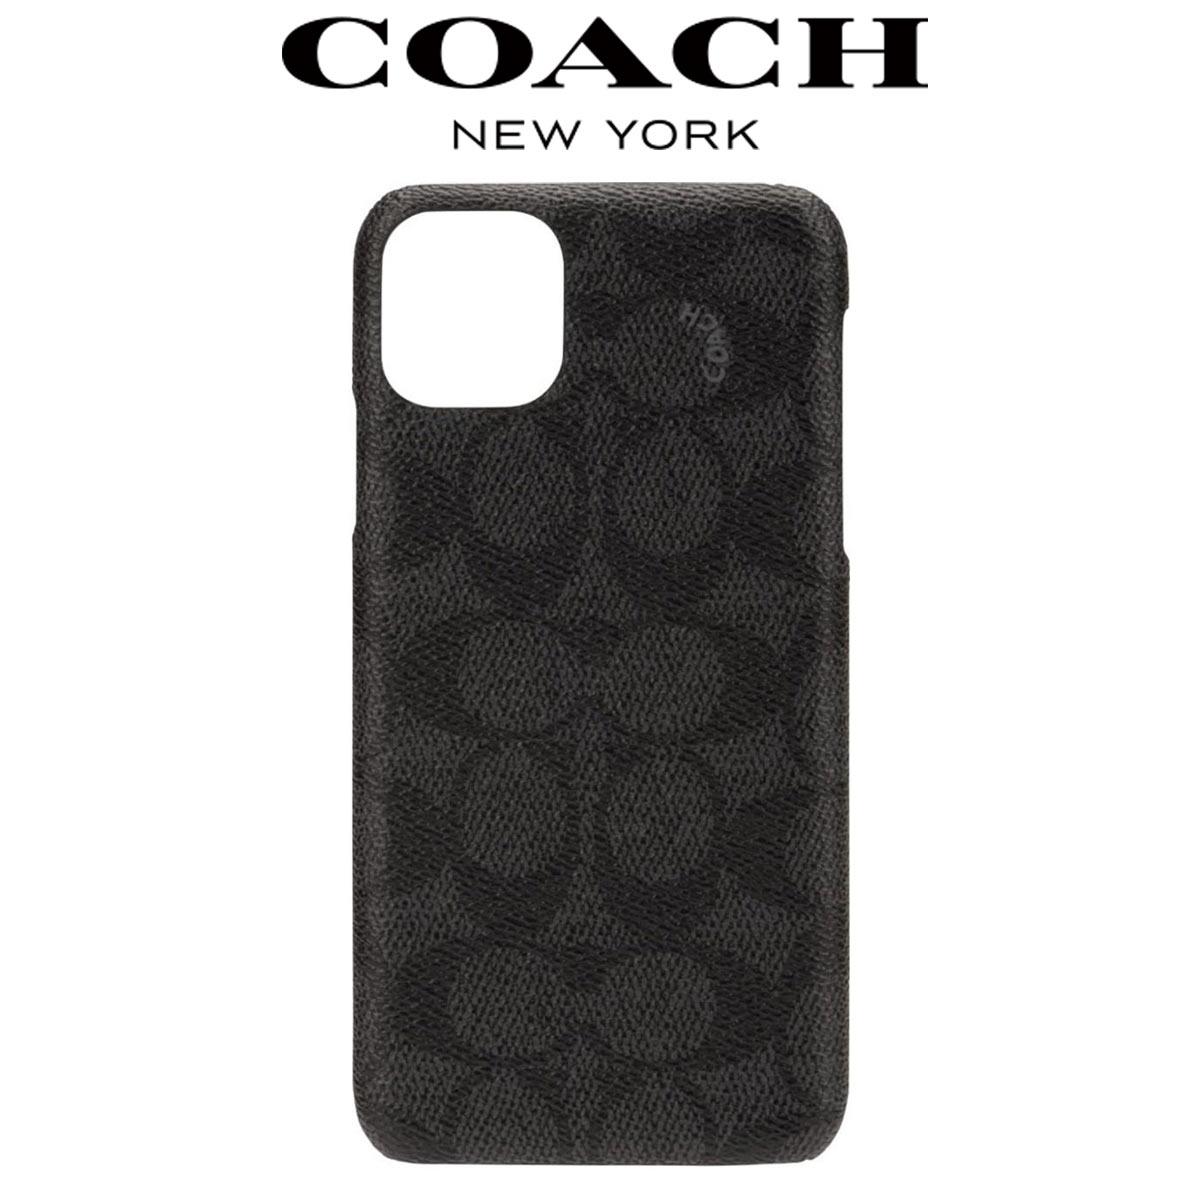 コーチ iphone11 ケース Pro Max シグネチャー おしゃれ かわいい ブランド スマホケース アイフォンケース iphone11 Coach